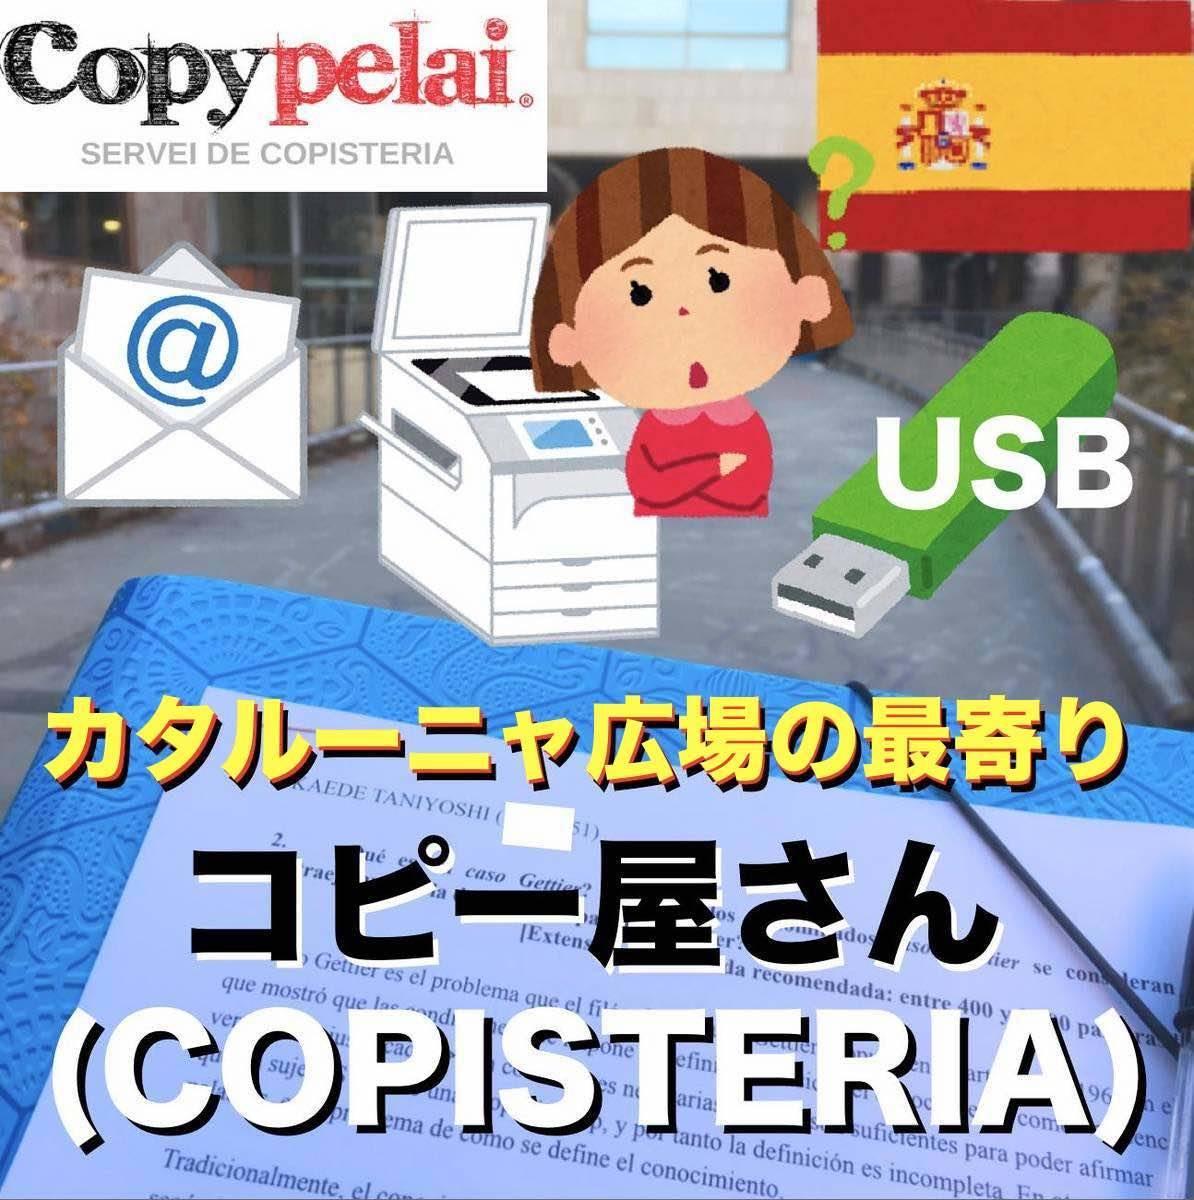 f:id:kaedetaniyoshi:20210408211657j:plain